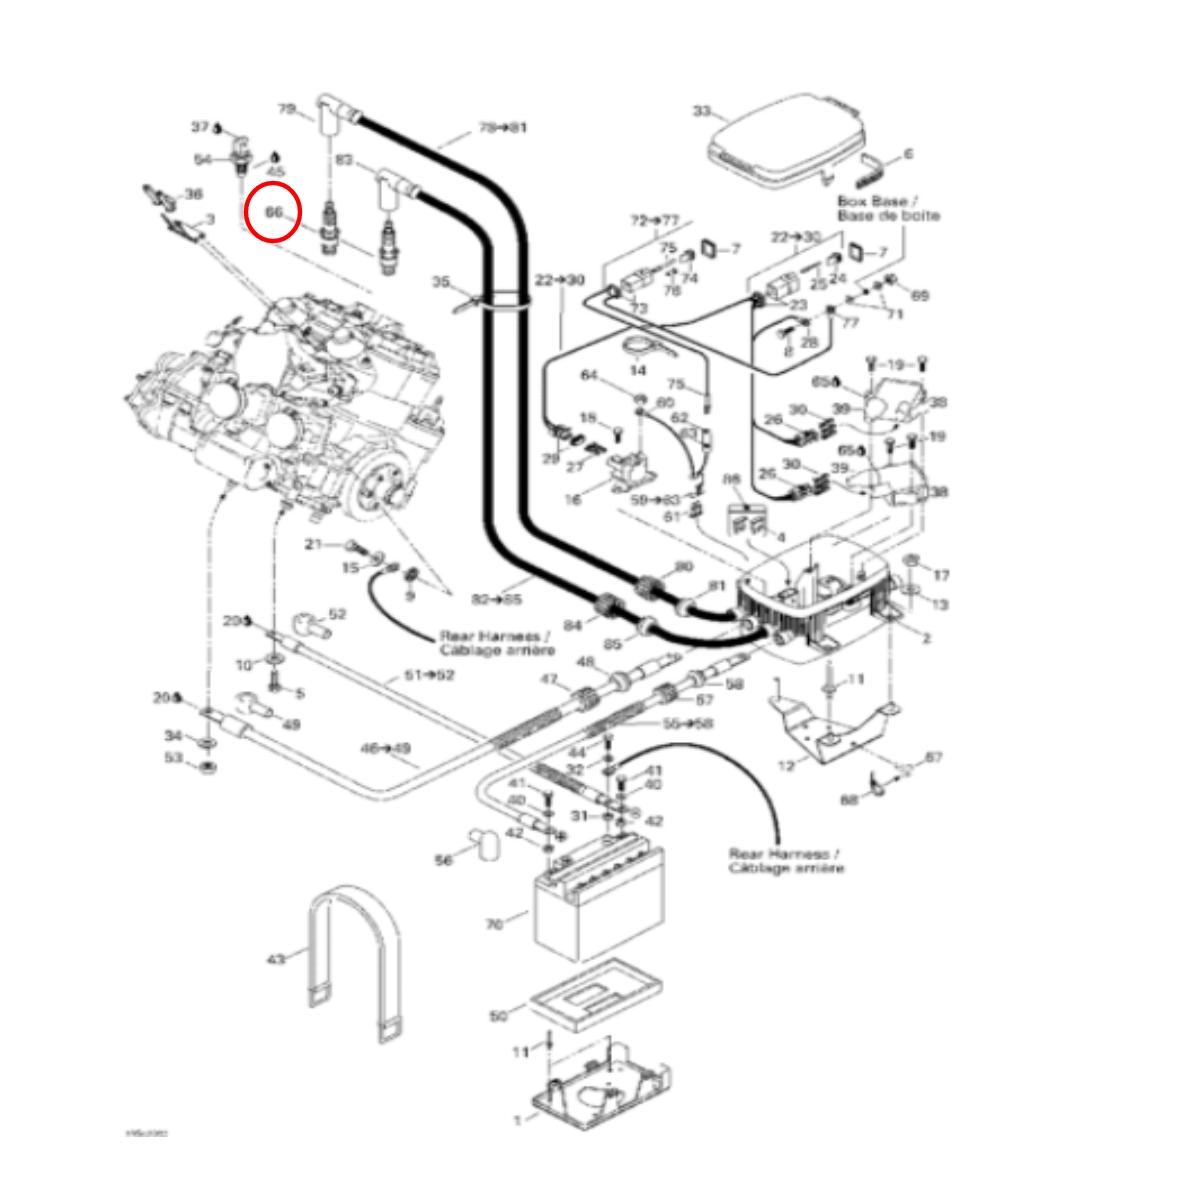 Vela ZFR4F-11 para Jet Ski Sea Doo 950 cc DI NGK (Unitária)  - Radical Peças - Peças para Jet Ski